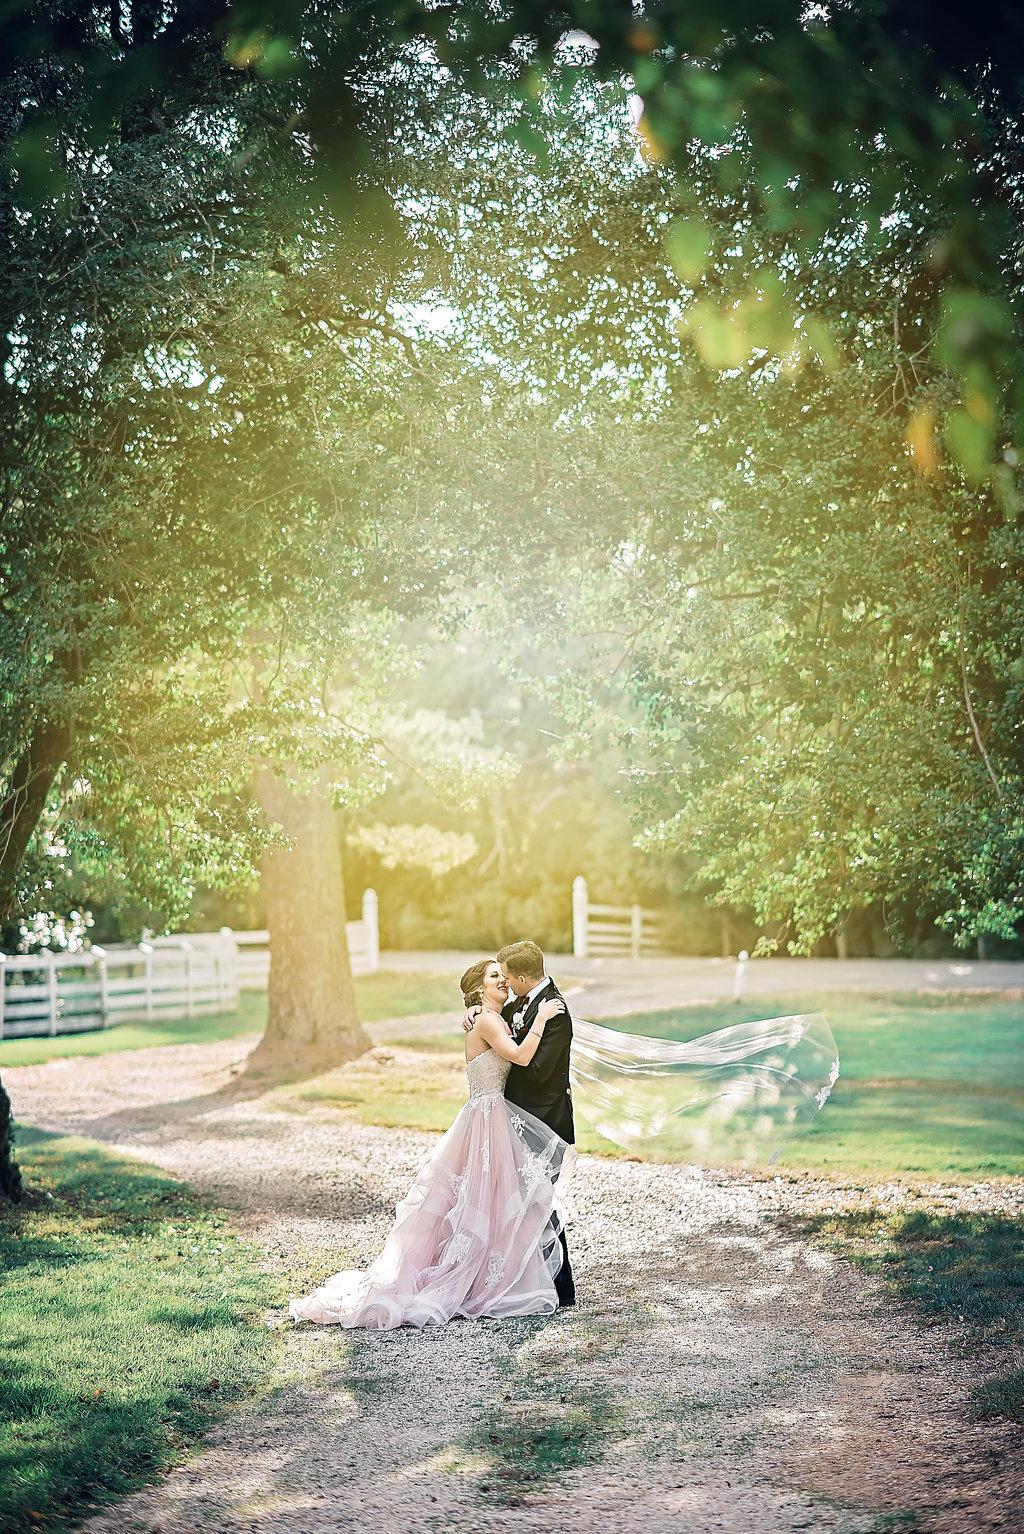 KatelynnandRaymond-445.jpg